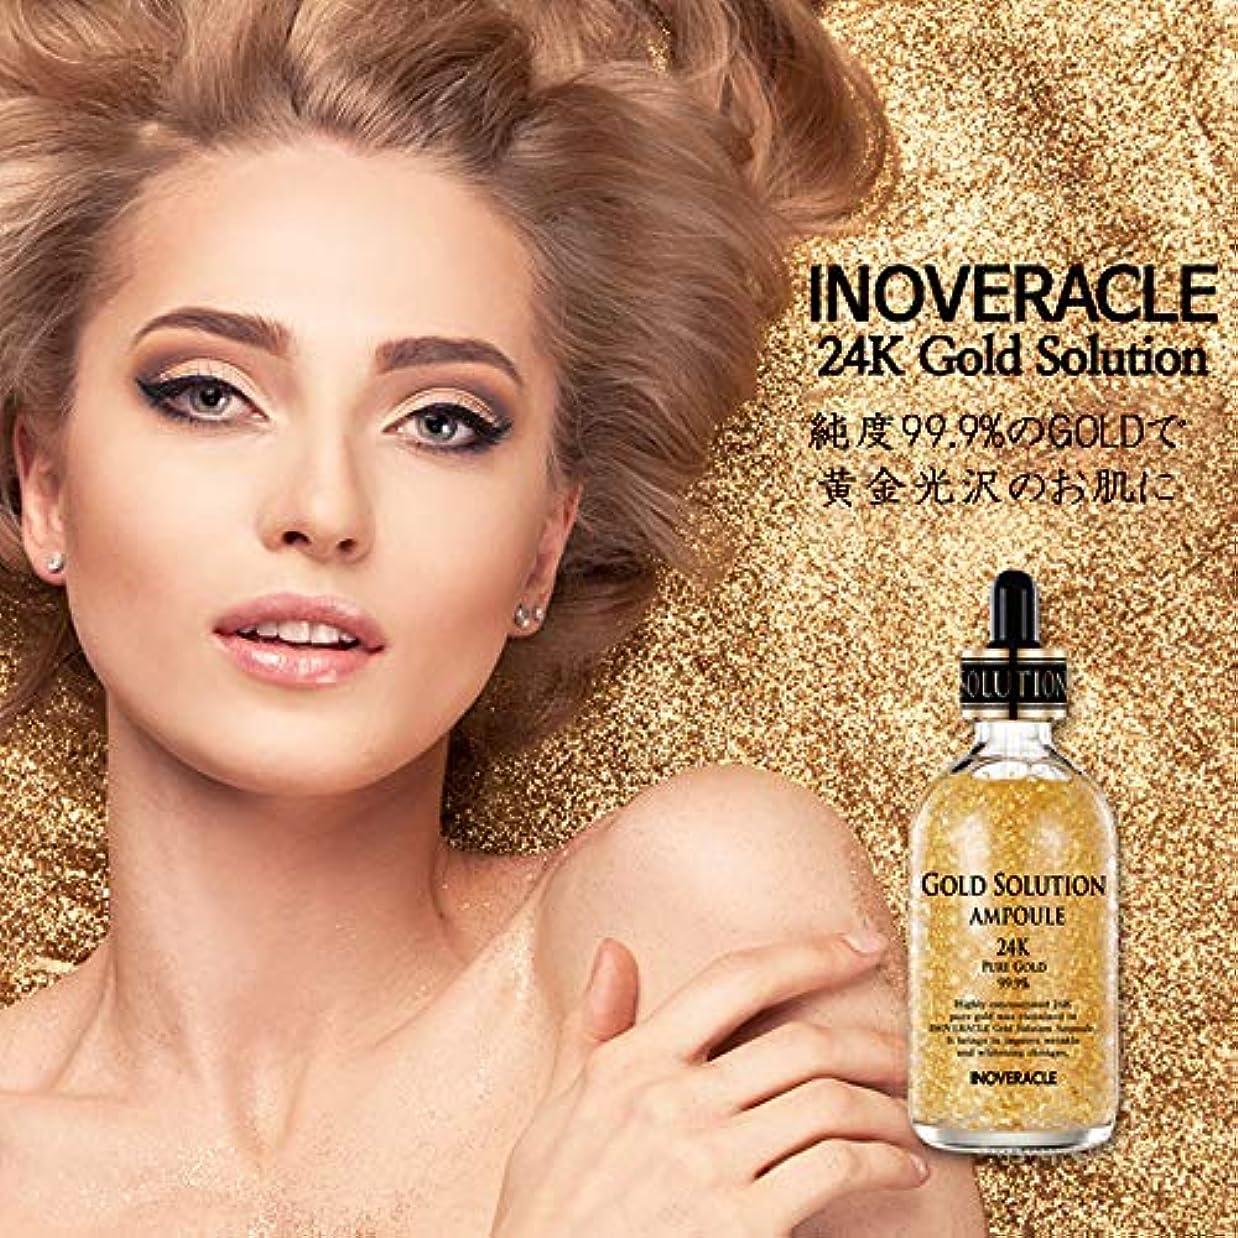 まろやかな膨張する分布INOVERACLE GOLD SOLUTION AMPOULE 24K 99.9% 純金 アンプル 100ml 美容液 スキンケア 韓国化粧品 光沢お肌 美白美容液